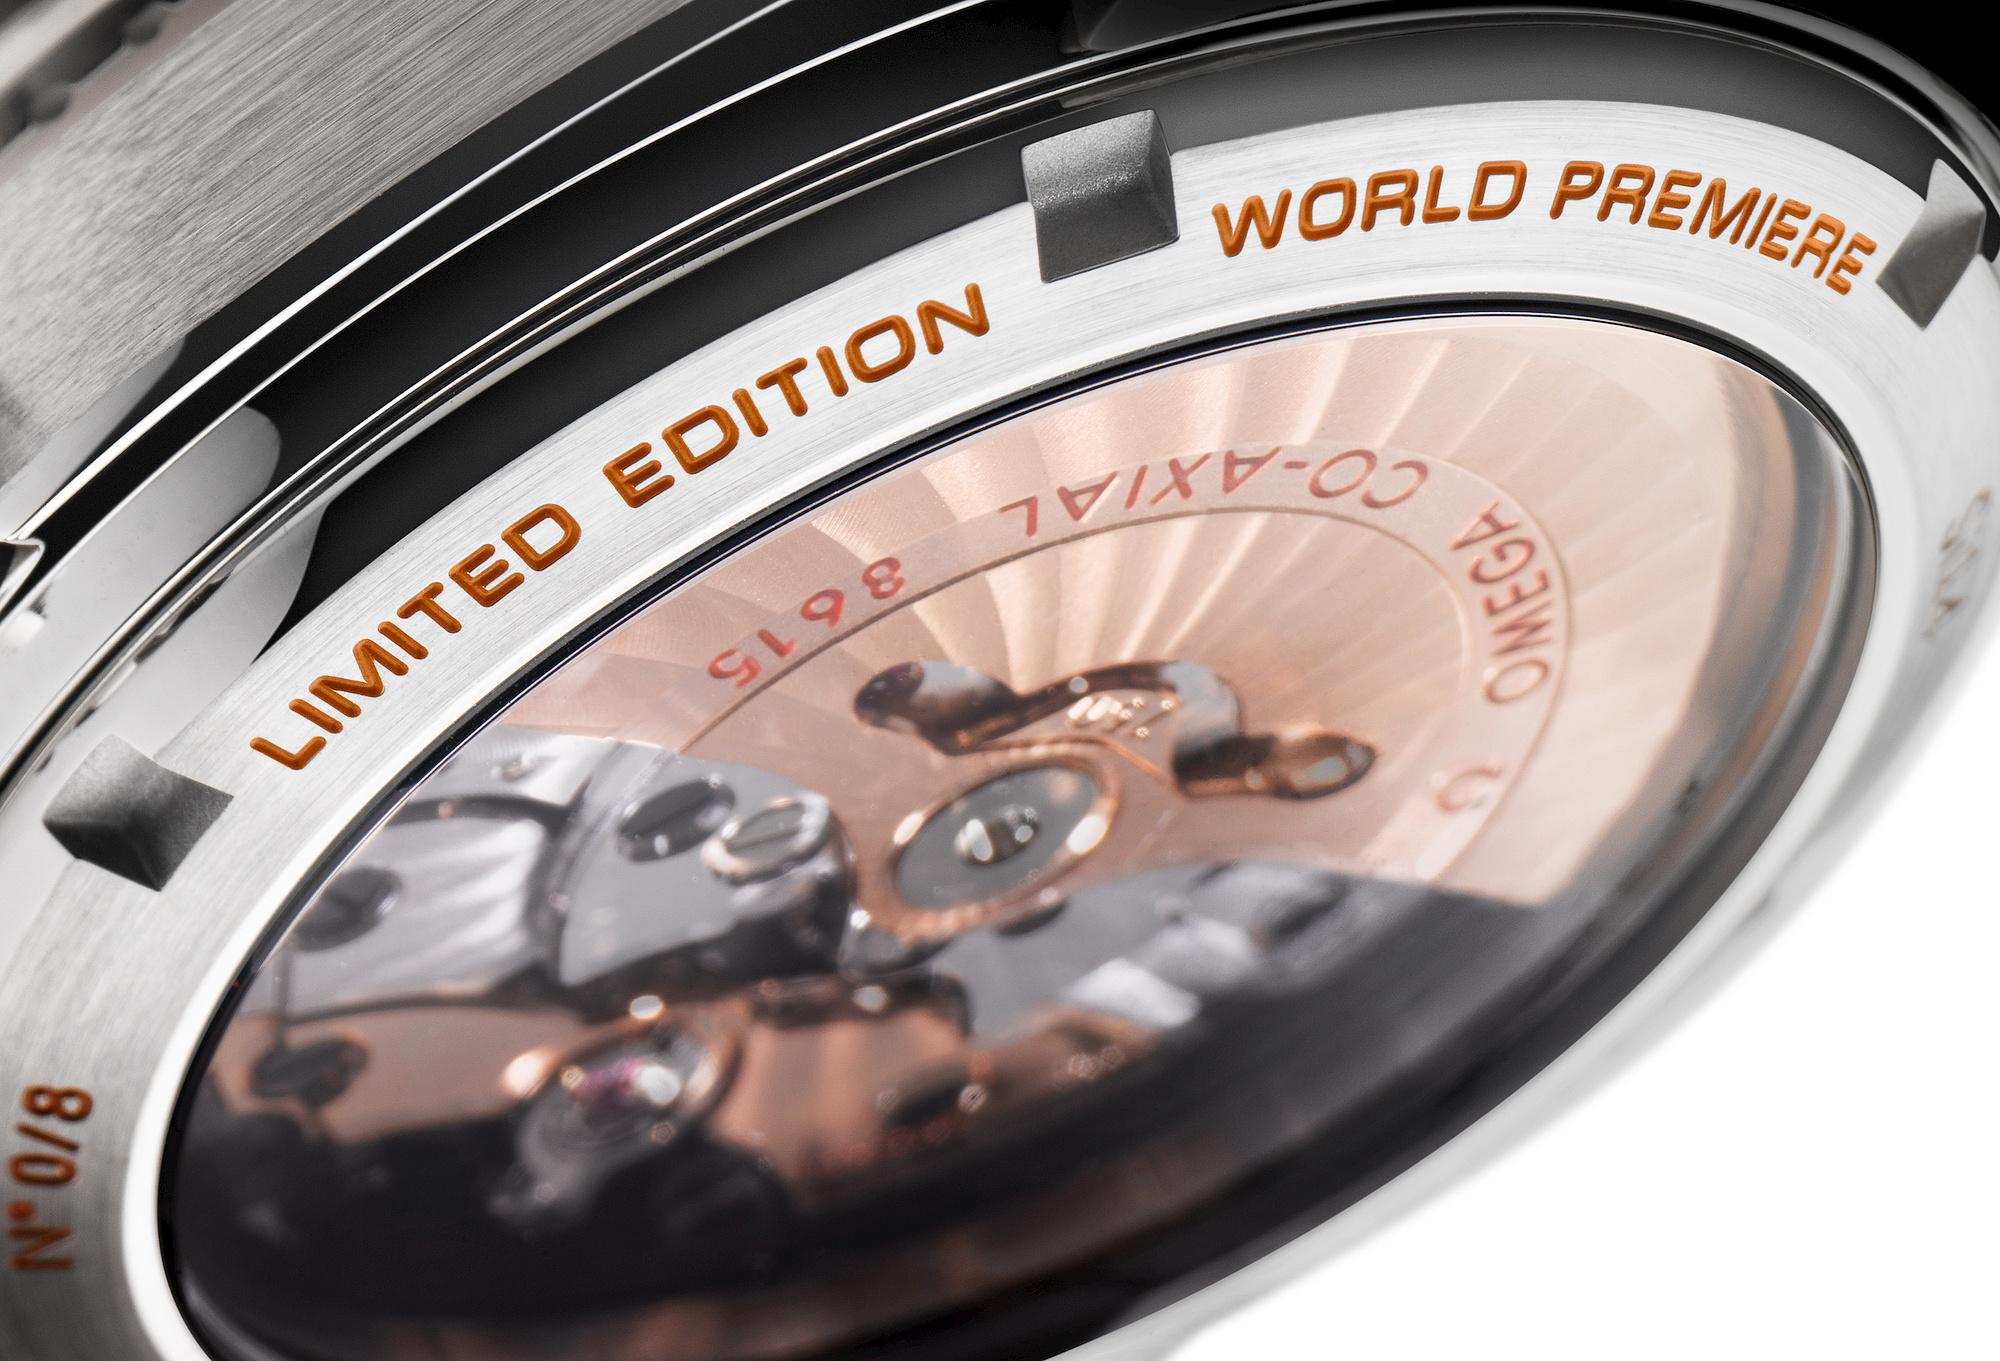 Omega Seamaster Planet Ocean Orange Ceramic Watch 04